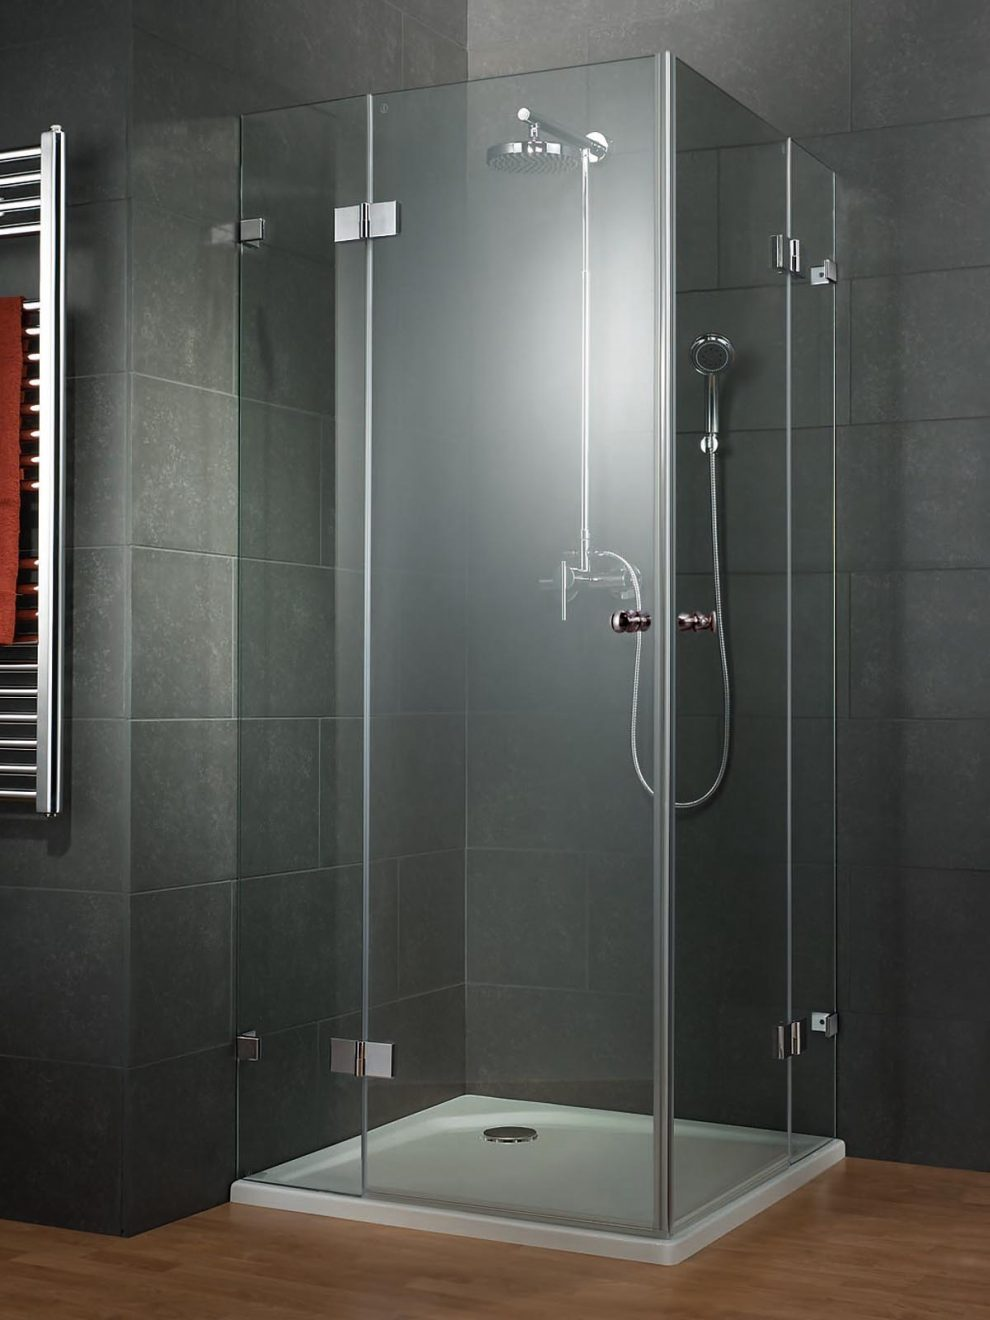 Egyedi zuhanykabin vásárlása kedvező árakon.